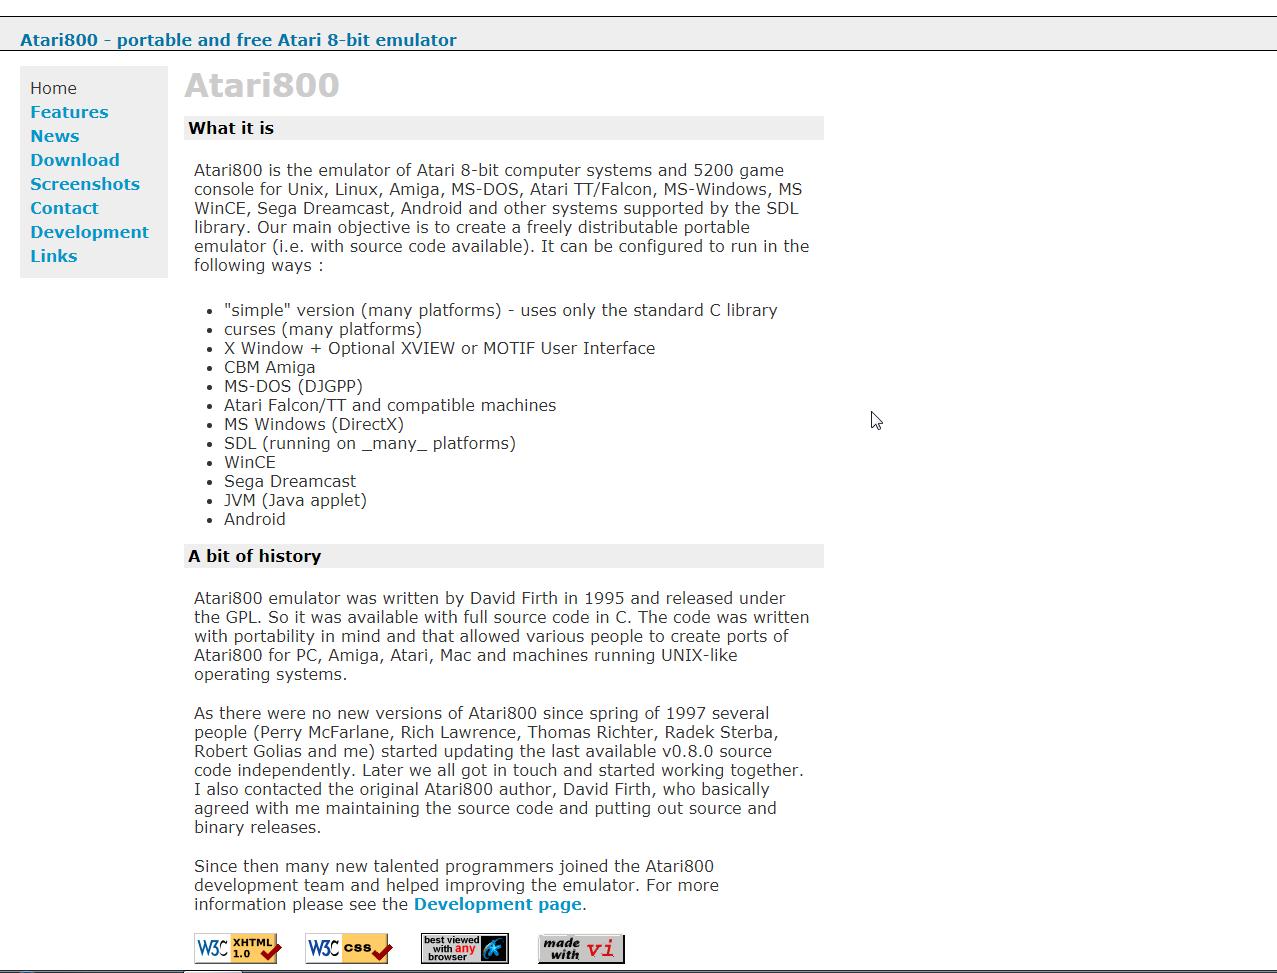 Screenshot of website Atari800 - portable and free Atari 8-bit emulator